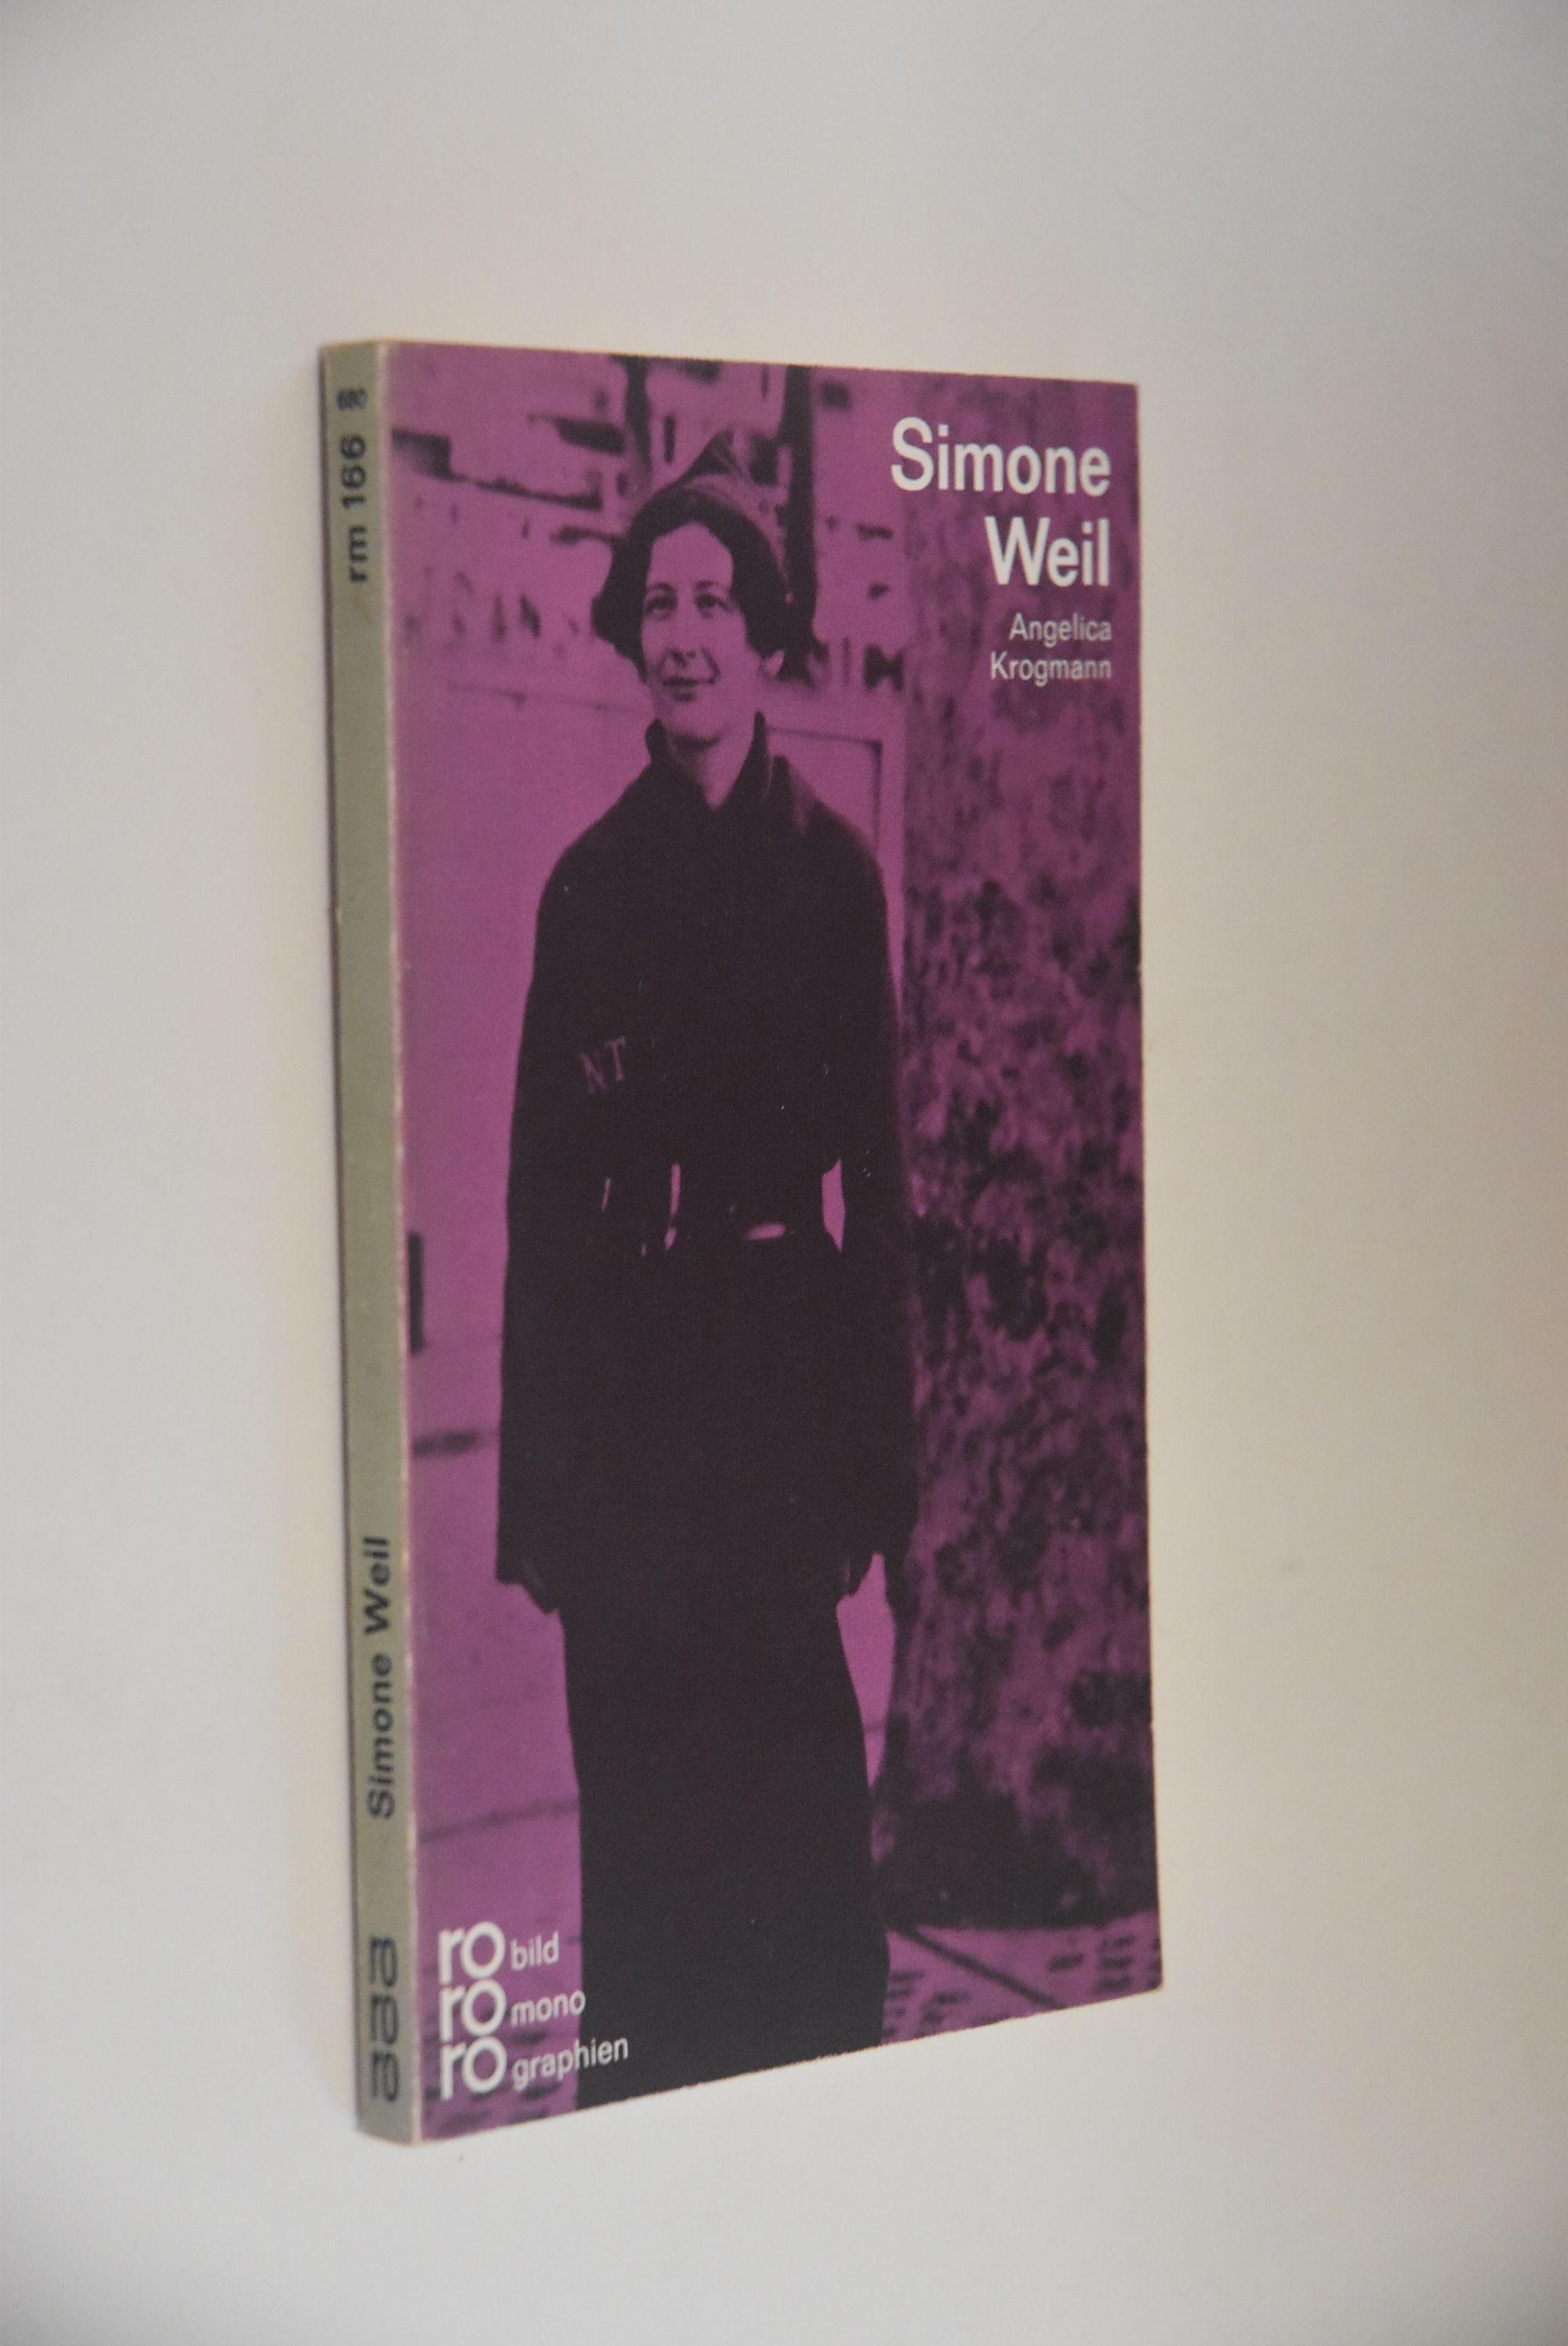 Simone Weil in Selbstzeugnissen und Bilddokumenten. dargest. von. [Den Anh. besorgte d. Autorin] / Rowohlts Monographien ; 166 - Krogmann, Angelica